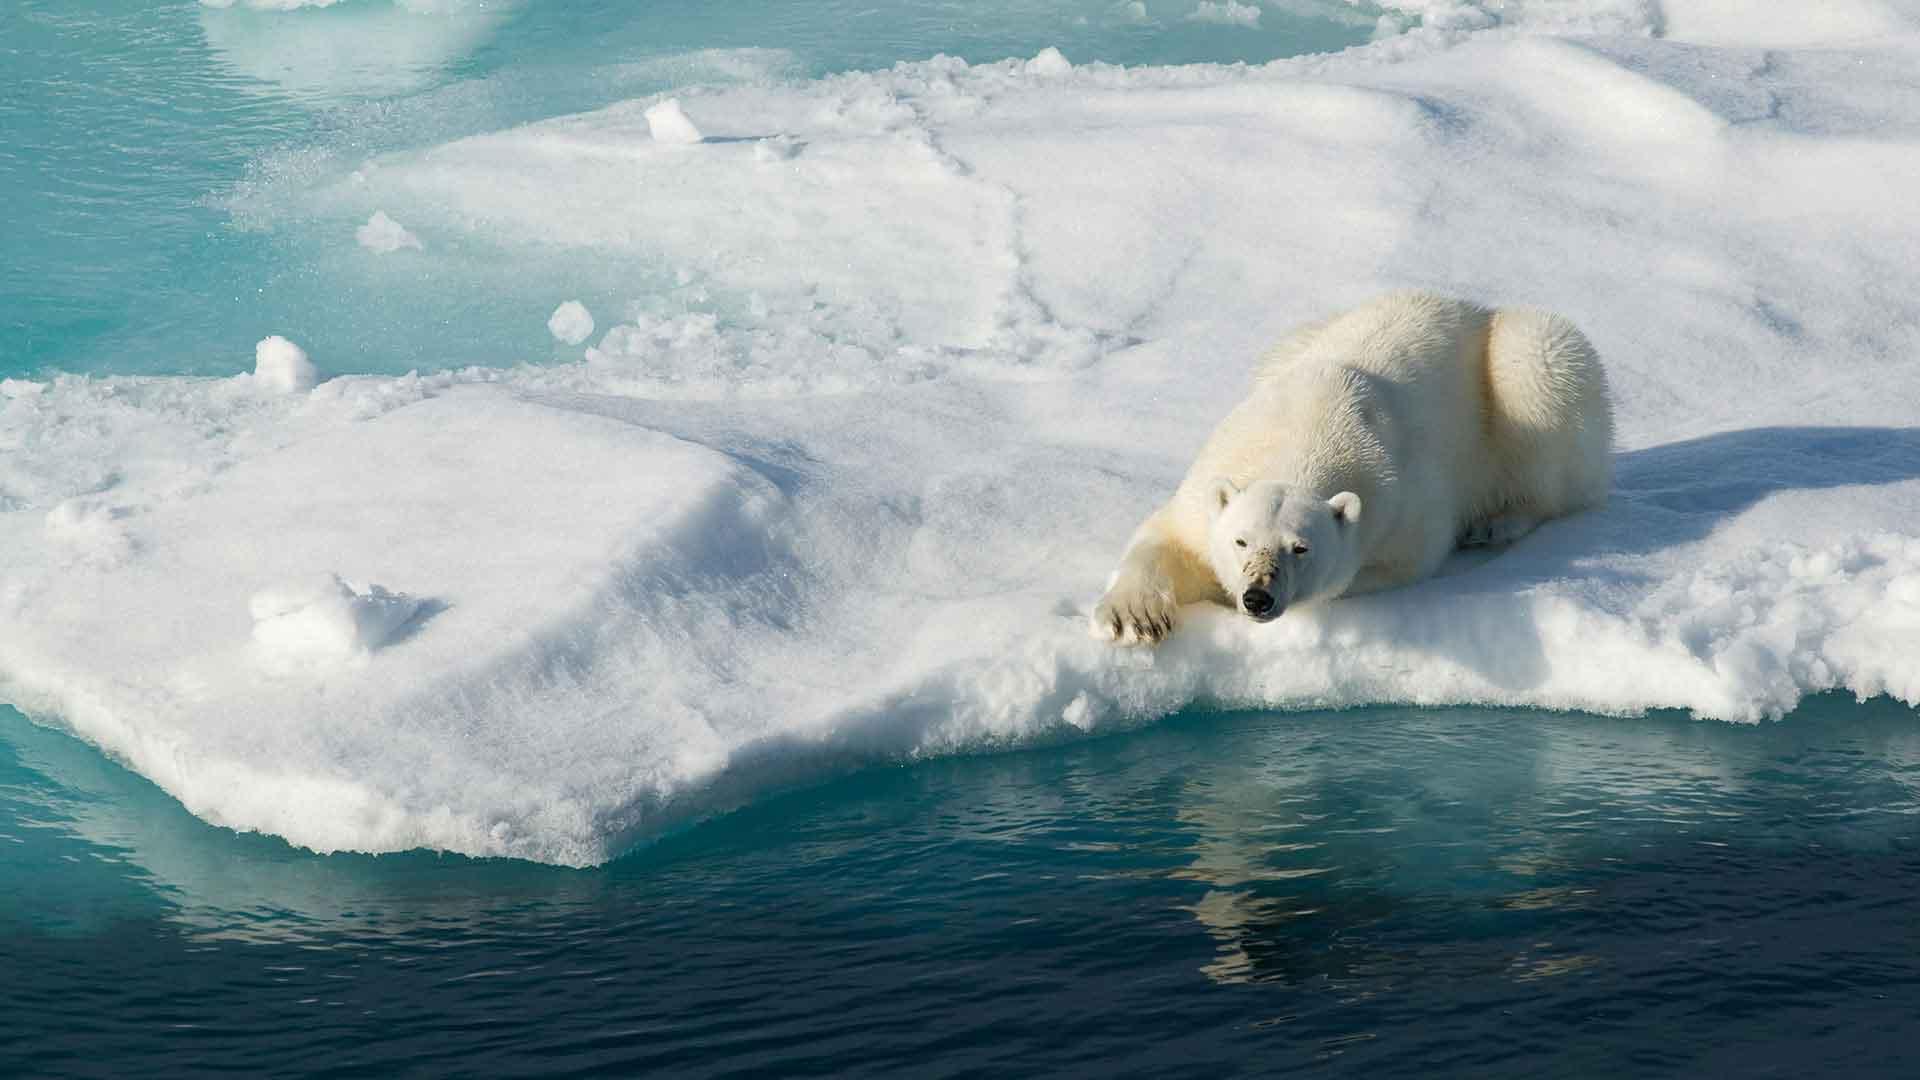 Шерсть белого медведя обеспечивает превосходную маскировку